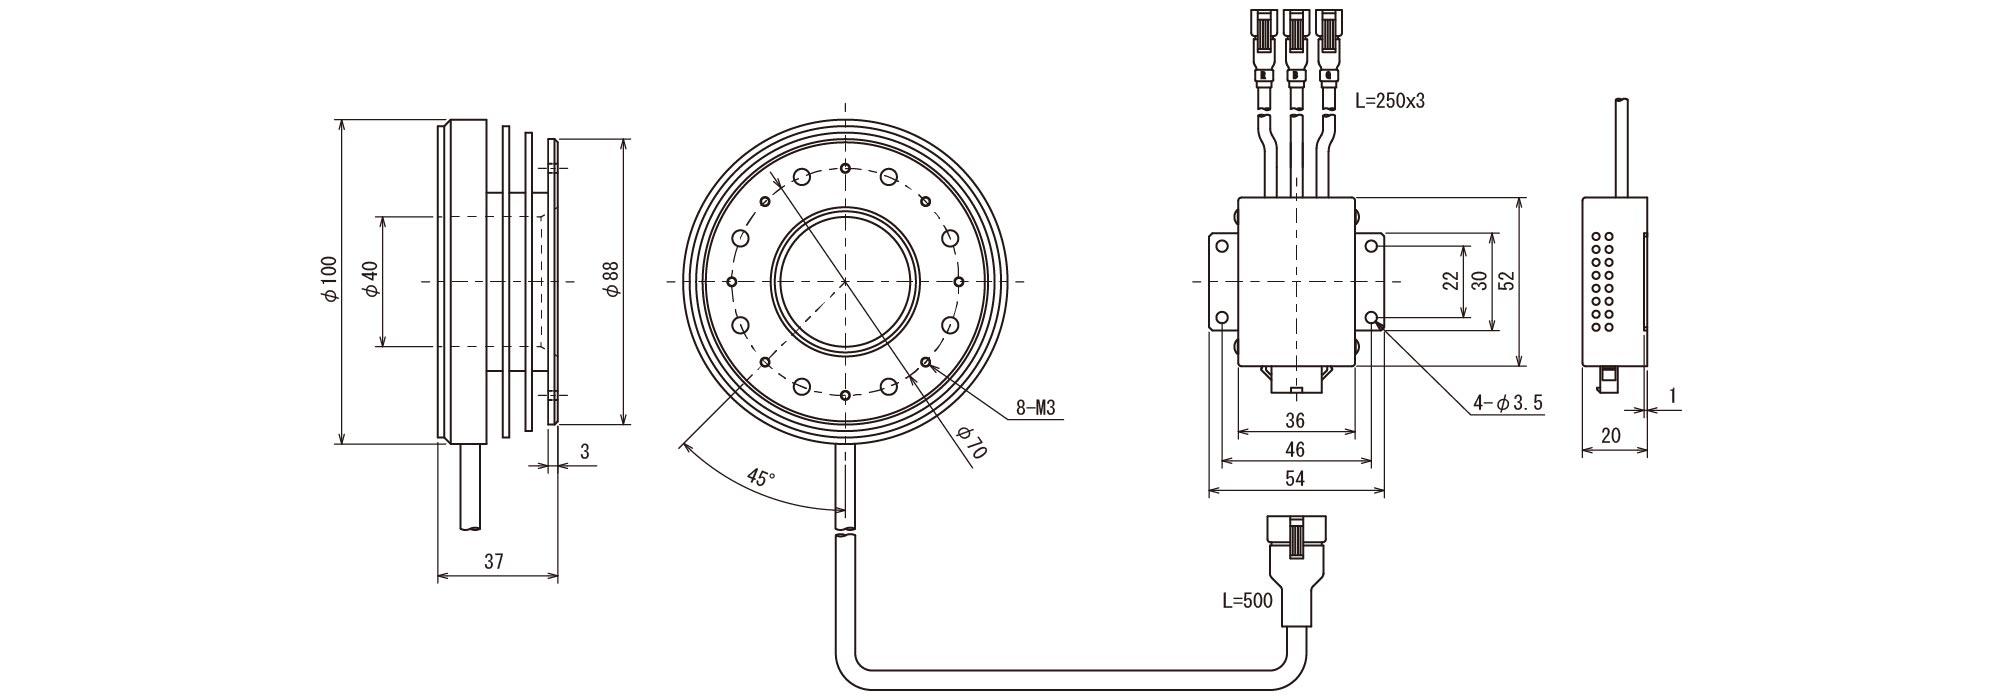 IHRGB-100-MIX